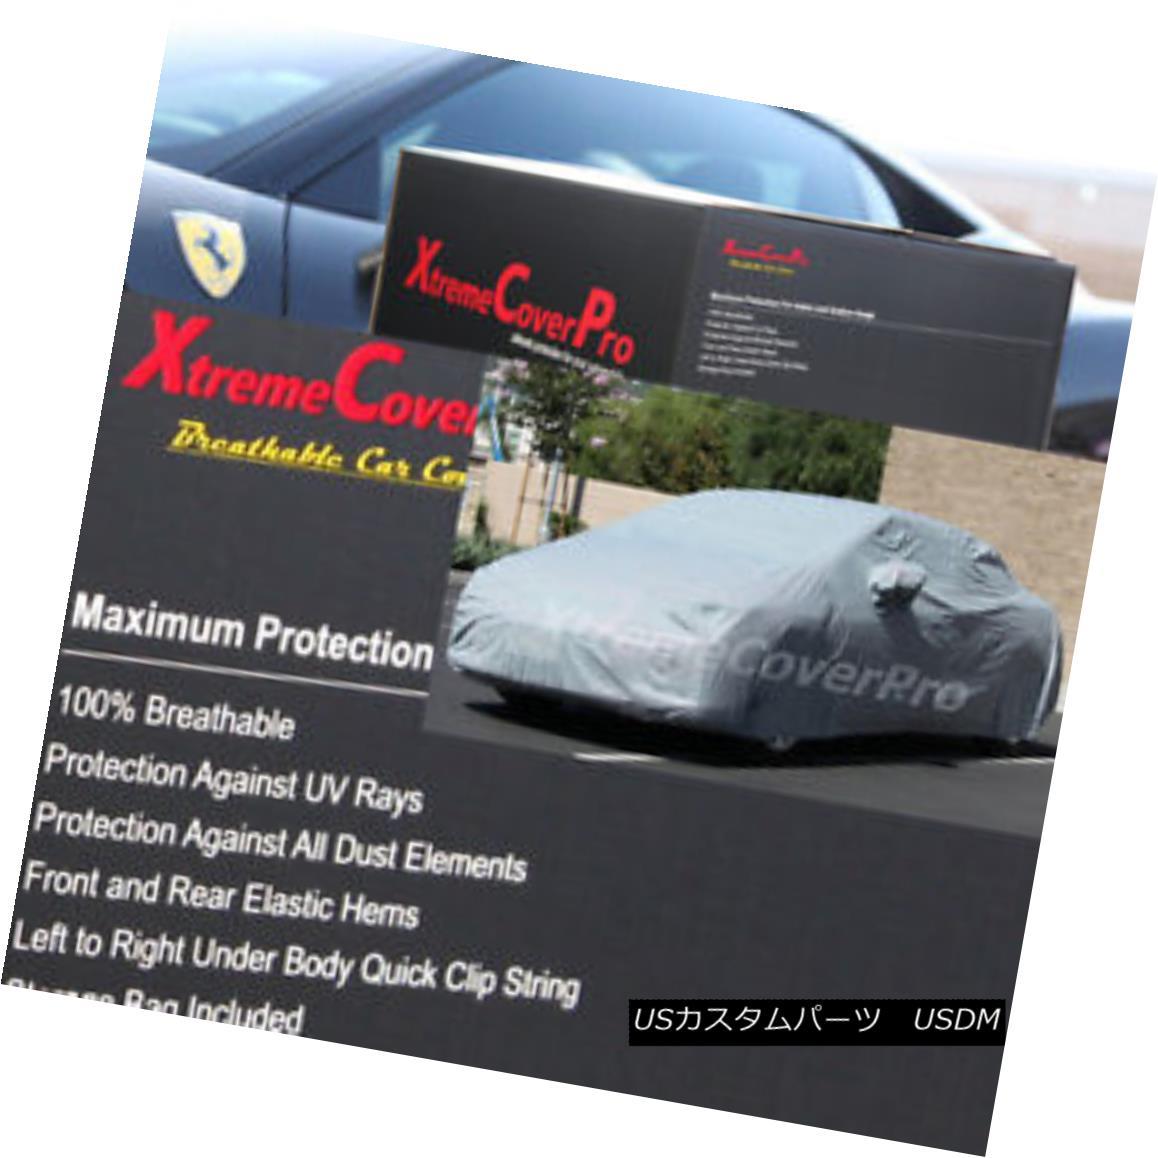 カーカバー 2009 2010 2011 2012 Honda Fit Breathable Car Cover w/MirrorPocket 2009年2011年2011年ホンダフィット通気性の車カバー付きMirrorPocket